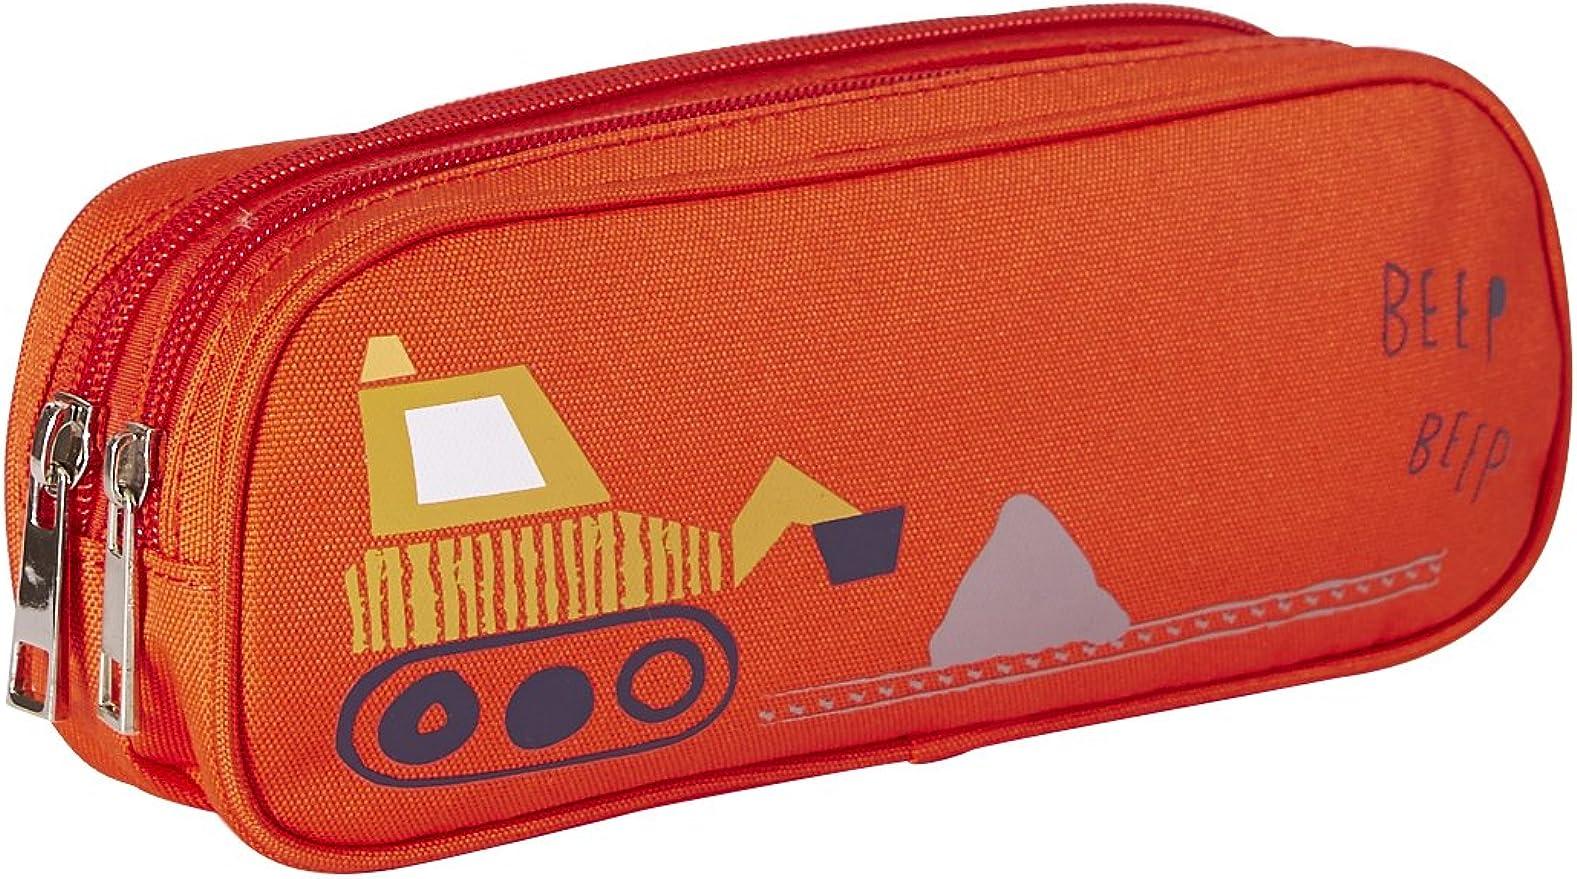 VERTBAUDET Estuche escolar niño motivo excavadora compartimento doble Rojo fuerte liso con motivos UNICA: Amazon.es: Ropa y accesorios